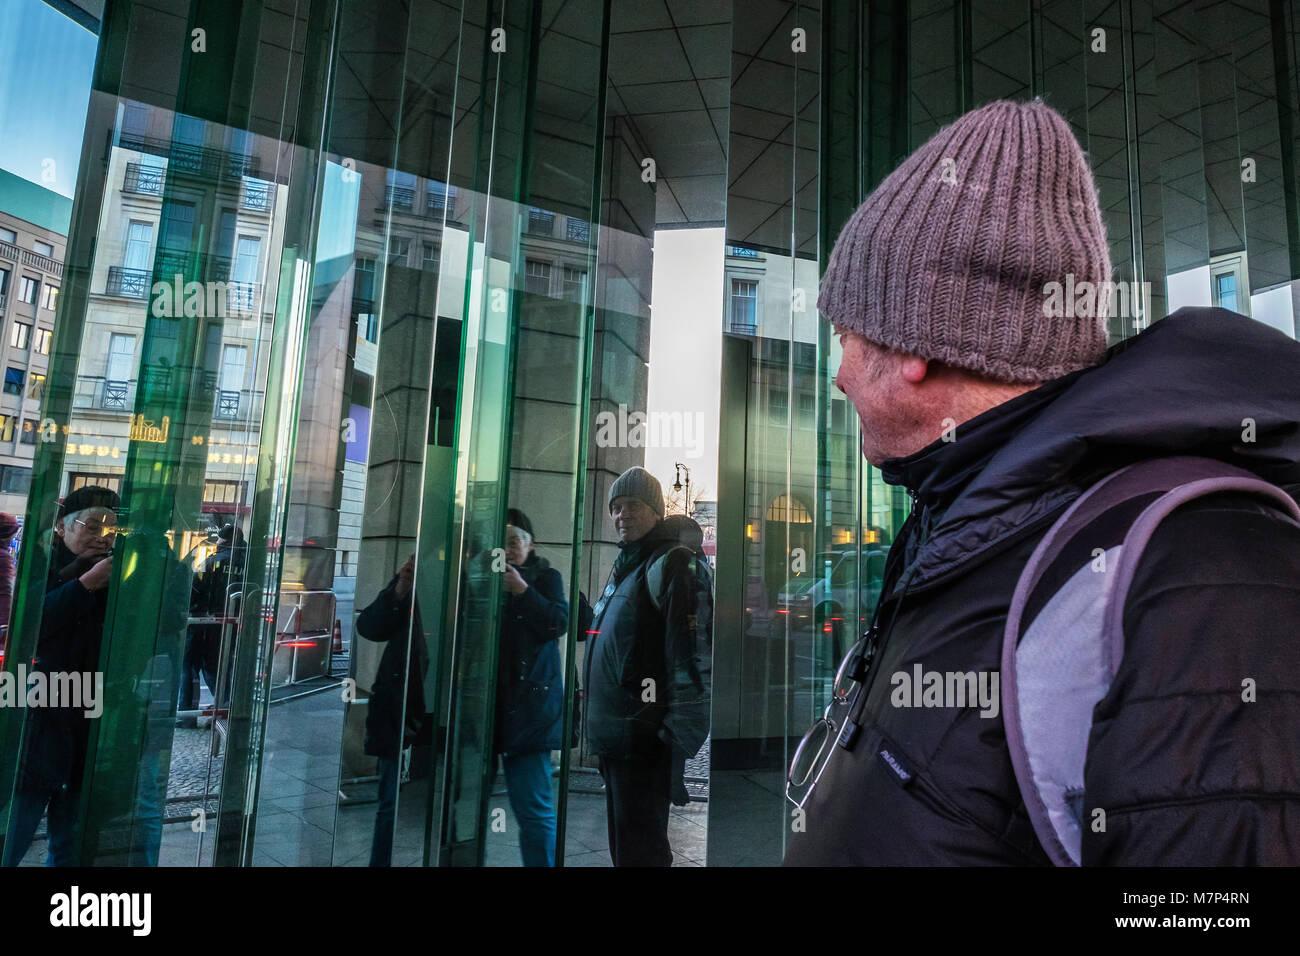 Berlin-Mitte.anziani turisti scattare foto di se stessi nella costruzione riflettente della superficie.Senior uomo Immagini Stock